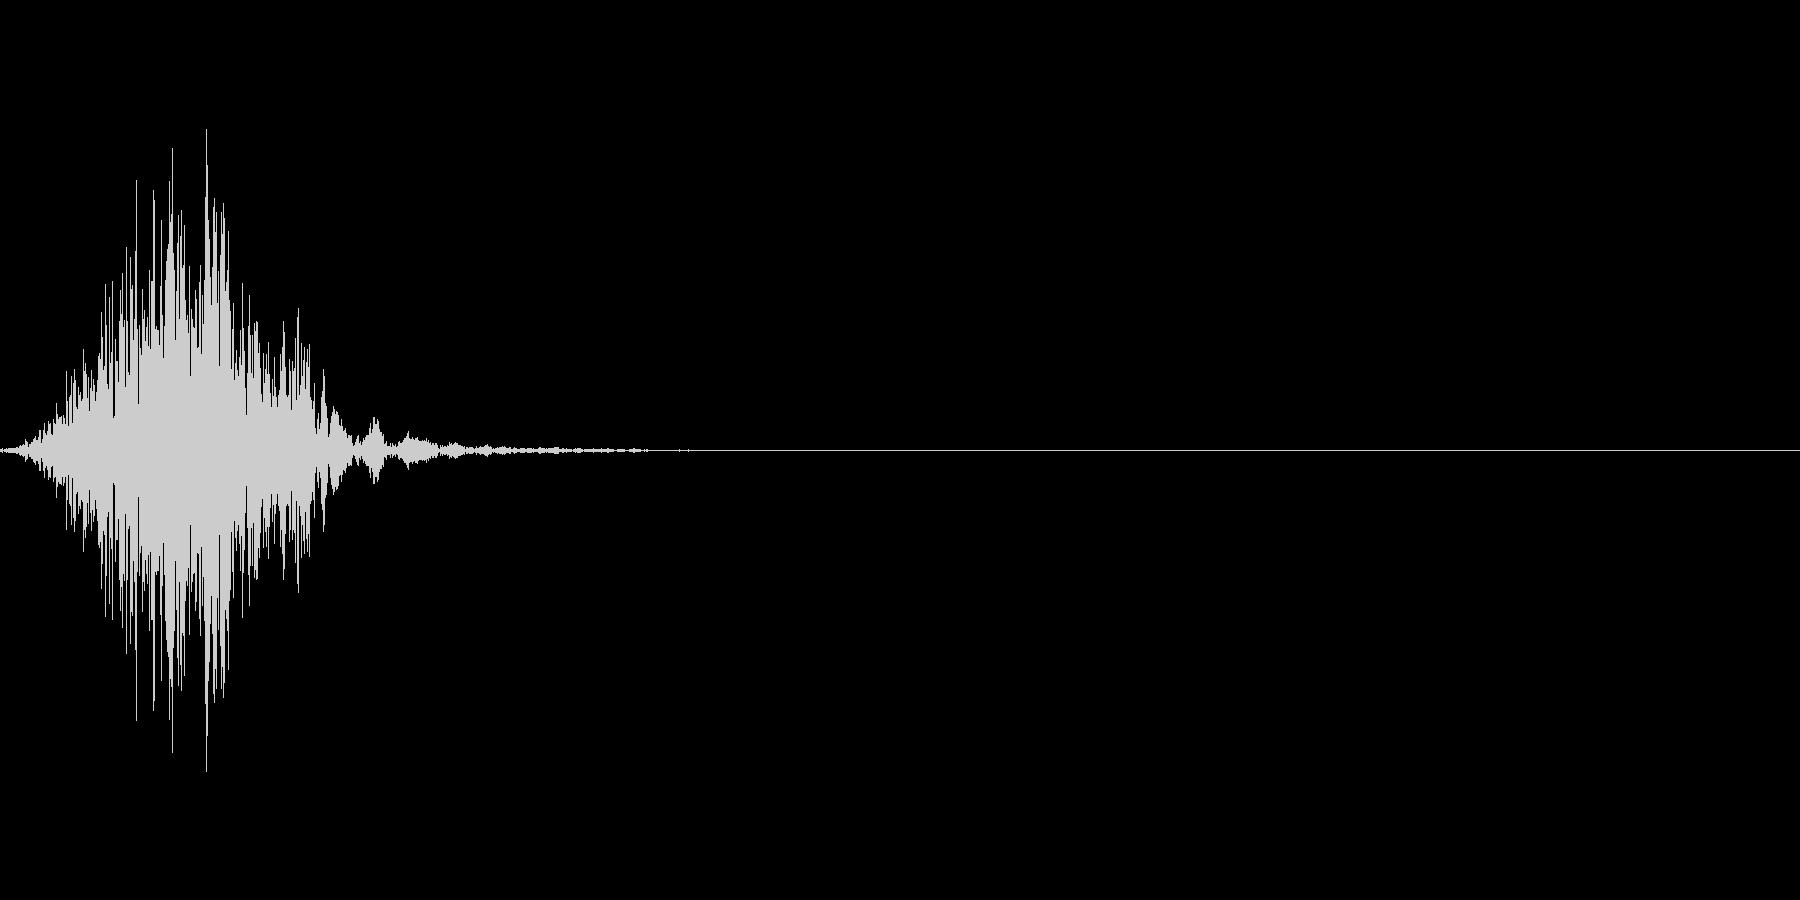 キュッ(帯やハチマキを締める音)の未再生の波形